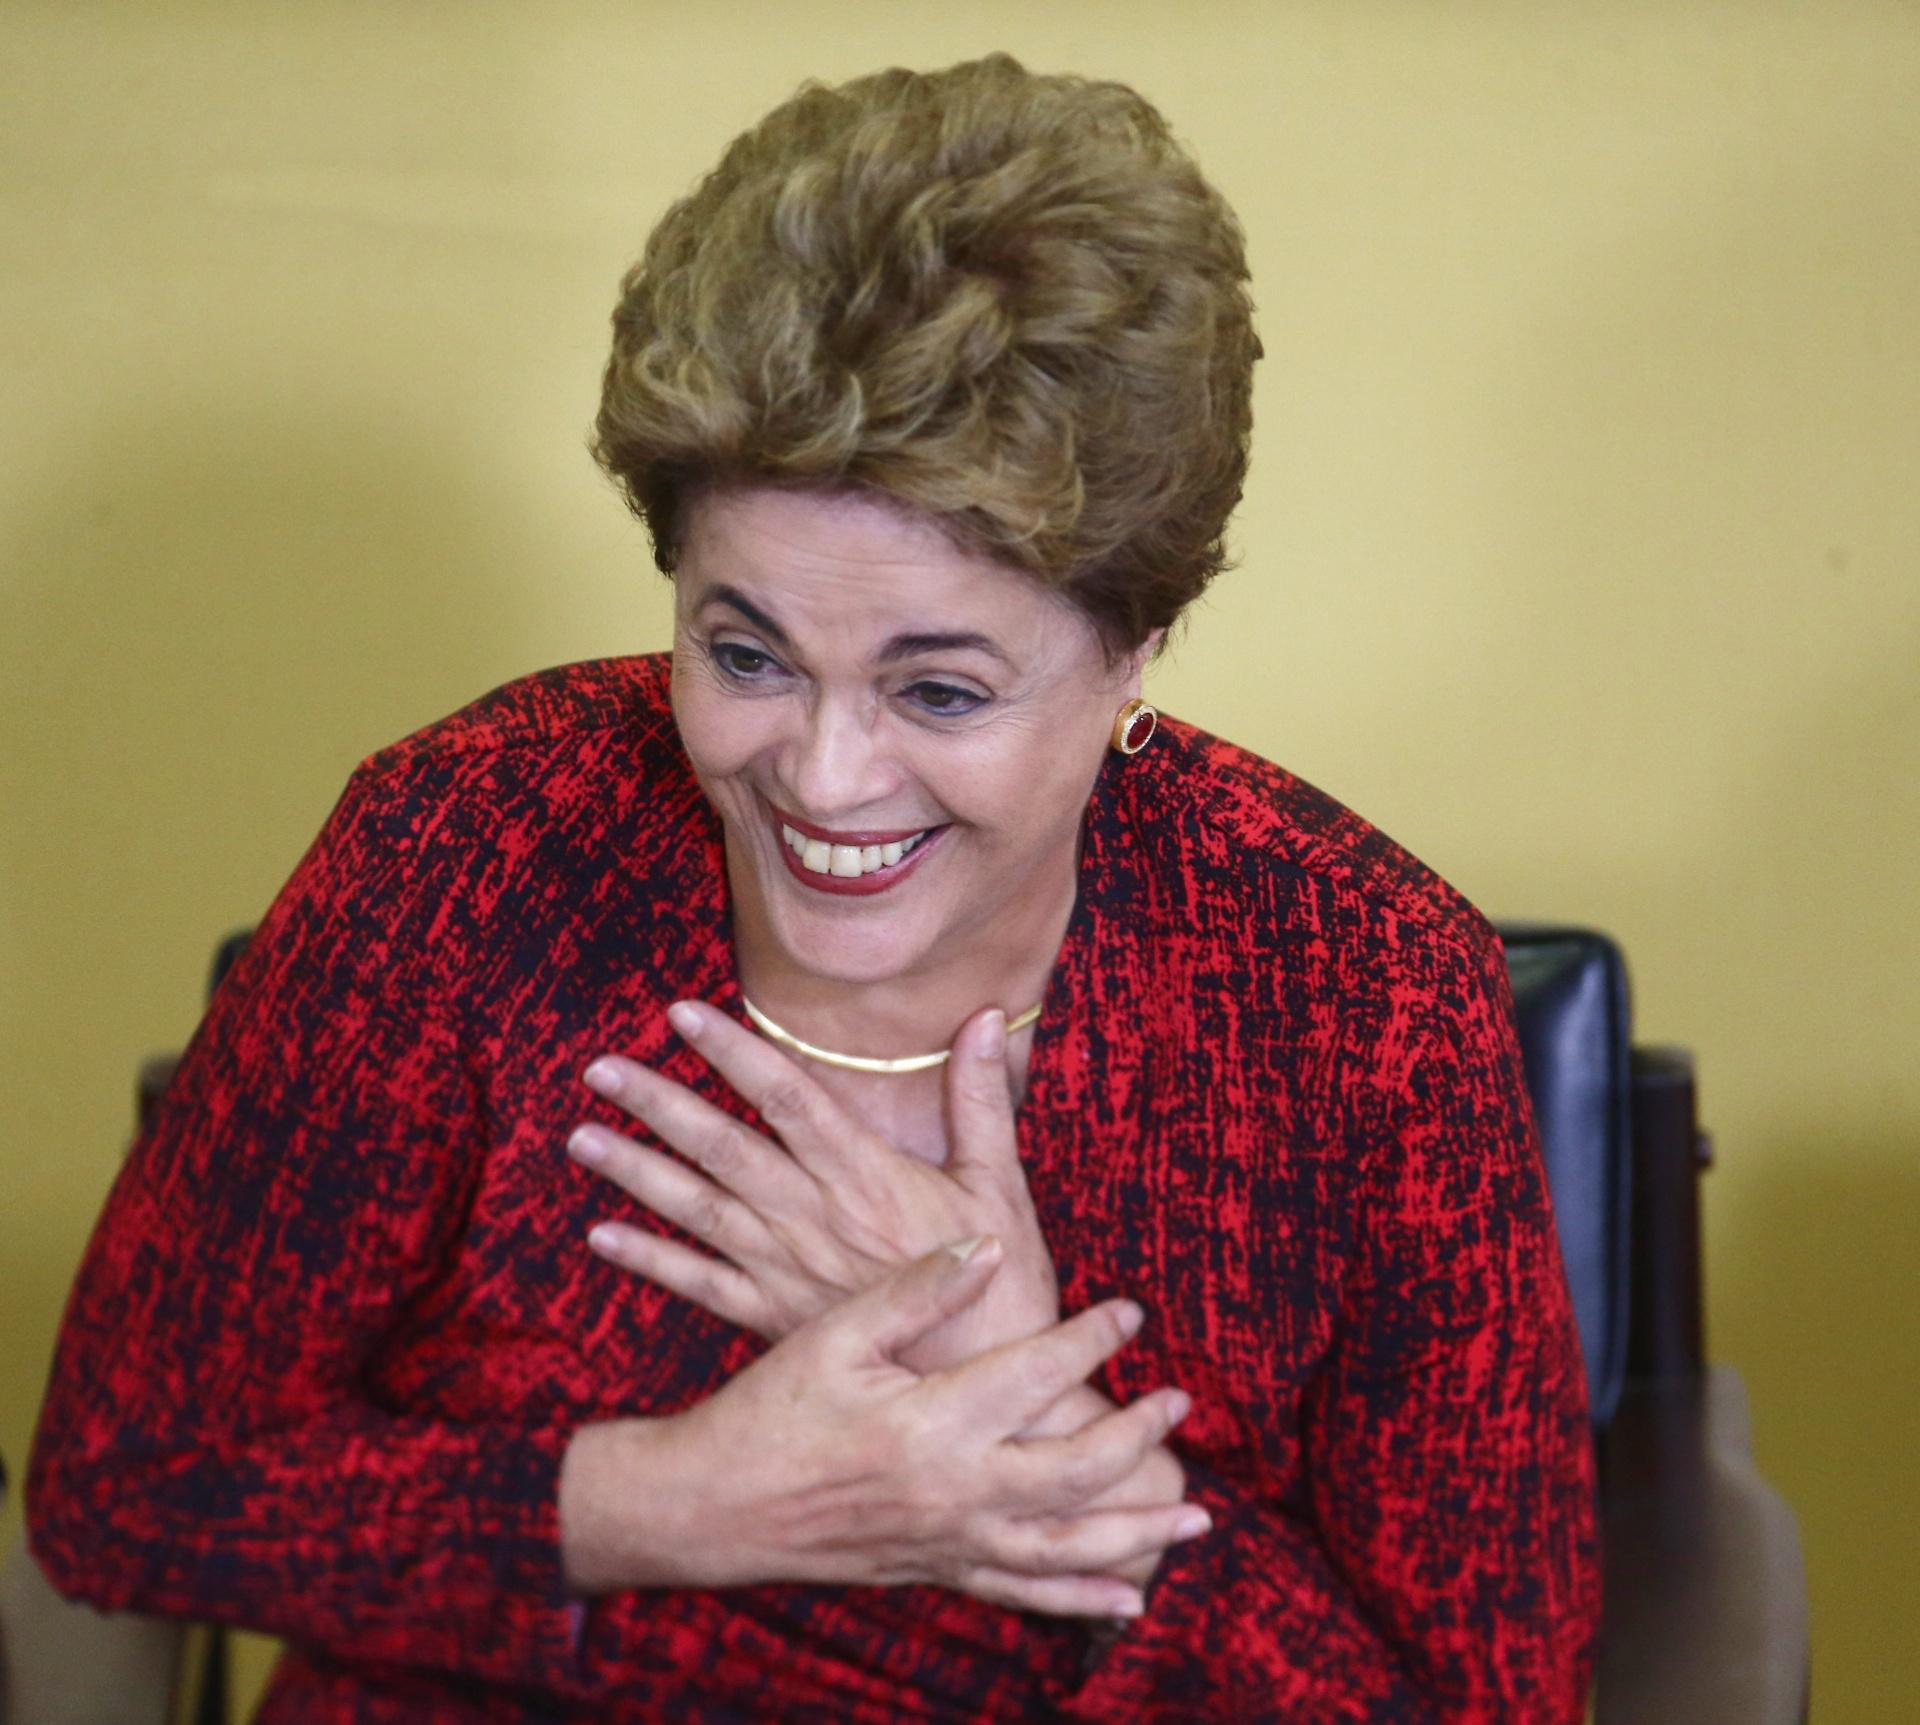 9.mai.2016 - A presidente Dilma Rousseff sorri durante cerimônia de anúncio de criação de novas universidades, no Palácio do Planalto, em Brasília. Mas pede 'cautela' e 'calma' a militantes que comemoravam a decisão do presidente interino da Câmara, Waldir Maranhão (PP-MA), que anulou a tramitação do impeachment no Congresso